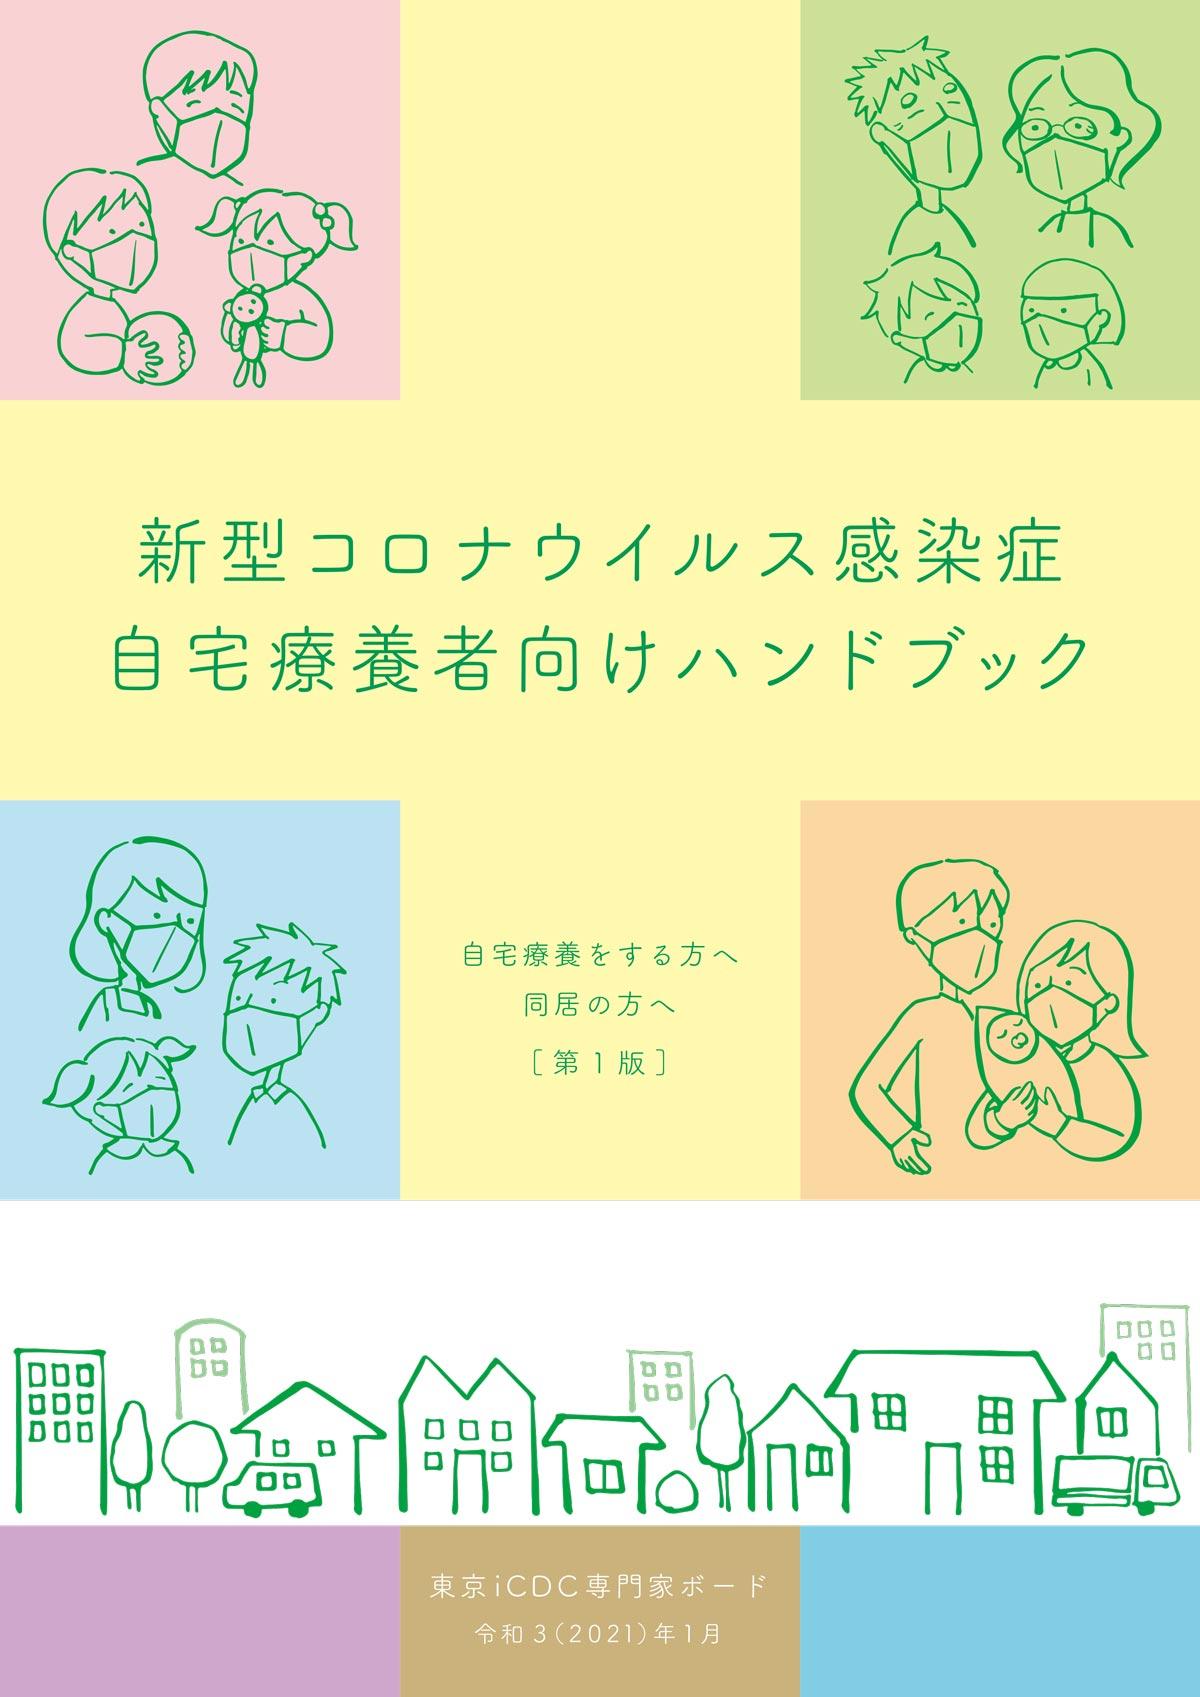 東京都が新型コロナウイルス自宅療養者への支援策を拡充 ハンドブックも作成